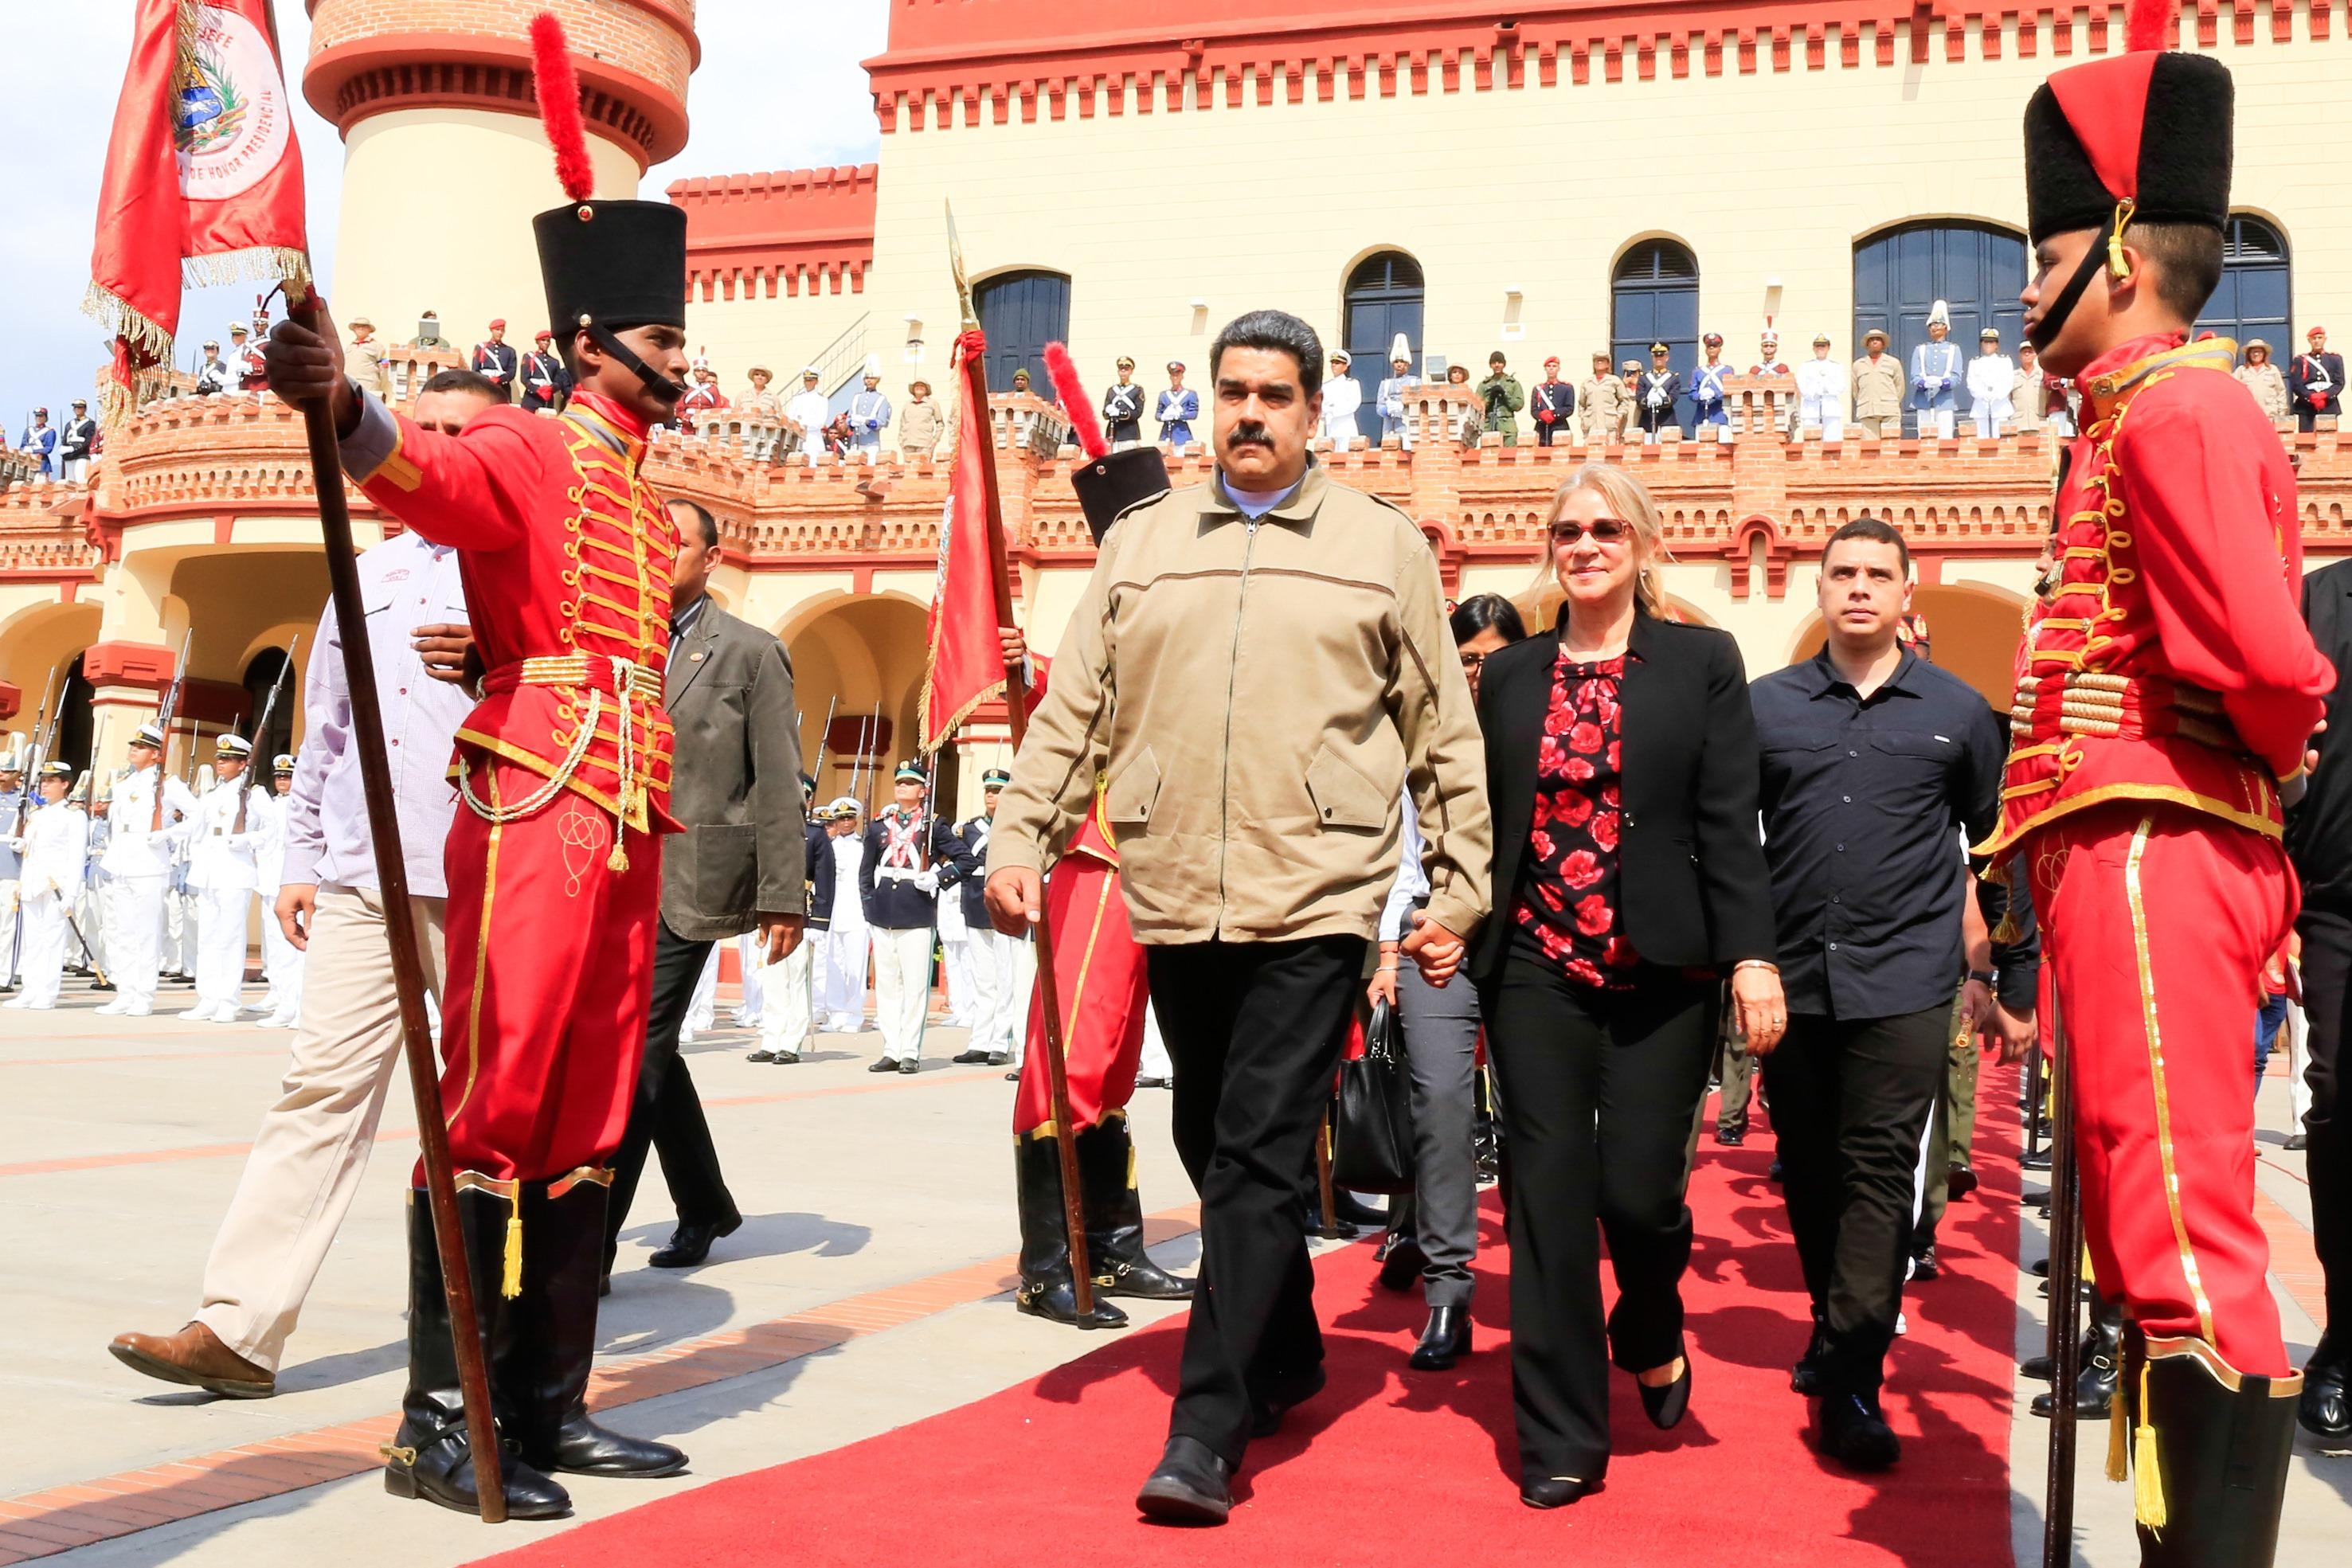 El gobierno de Nicolás Maduro expulsó al embajador de Alemania, por apoyar a Guaidó. (Foto Prensa Libre: AFP)